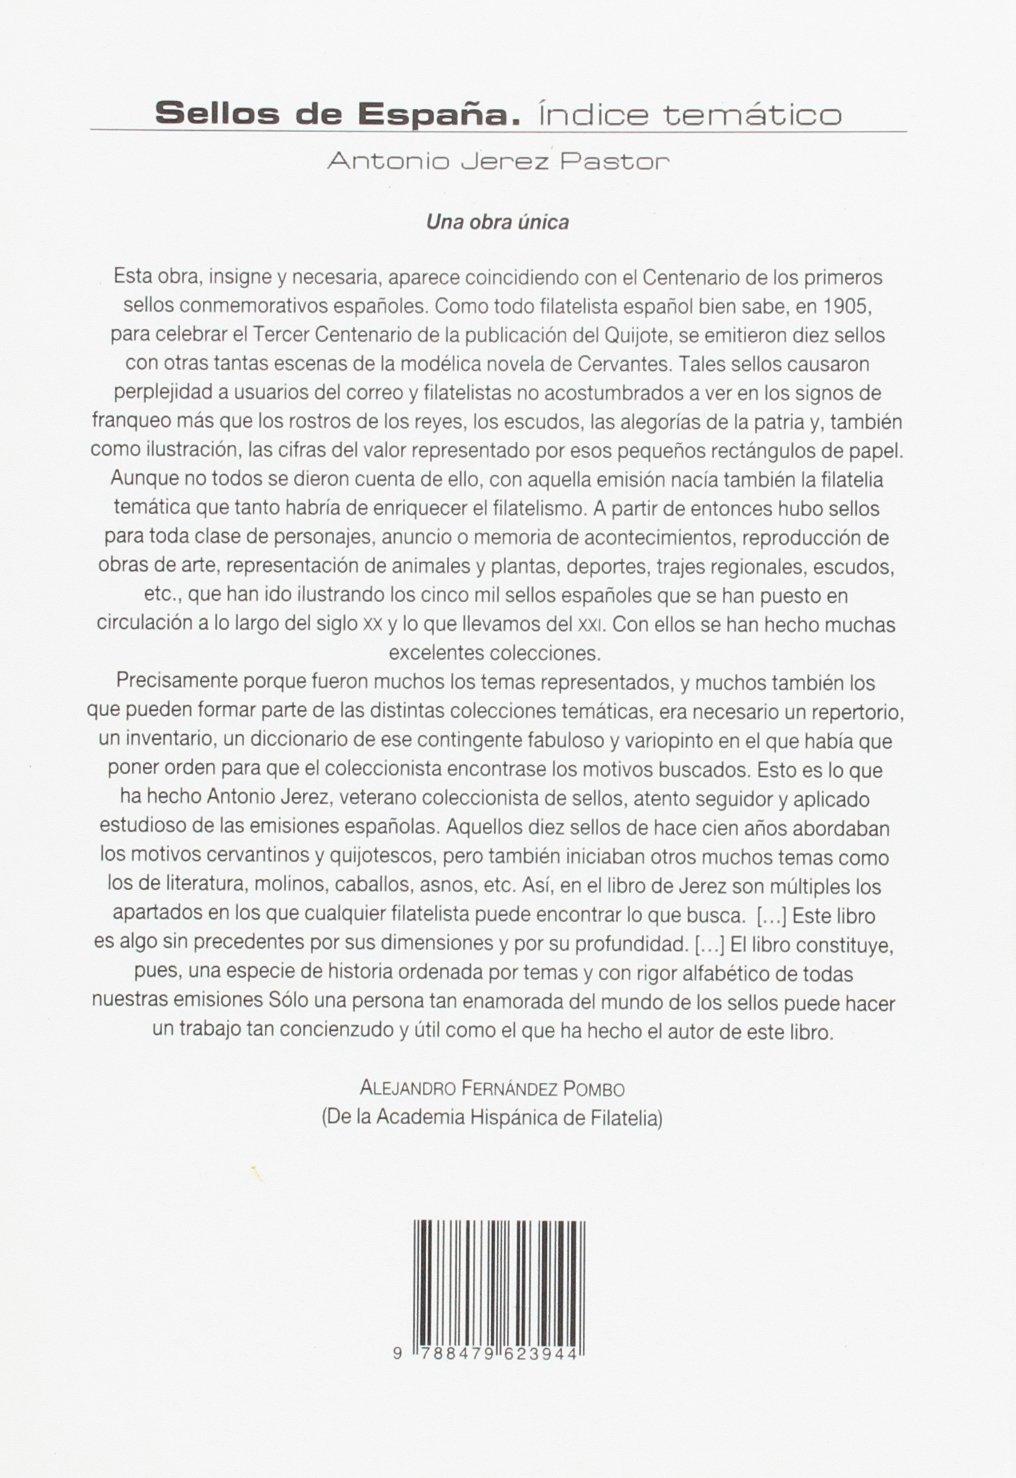 Sellos de España. Indice temático (Ensayo): Amazon.es: Jerez Pastor, Antonio: Libros